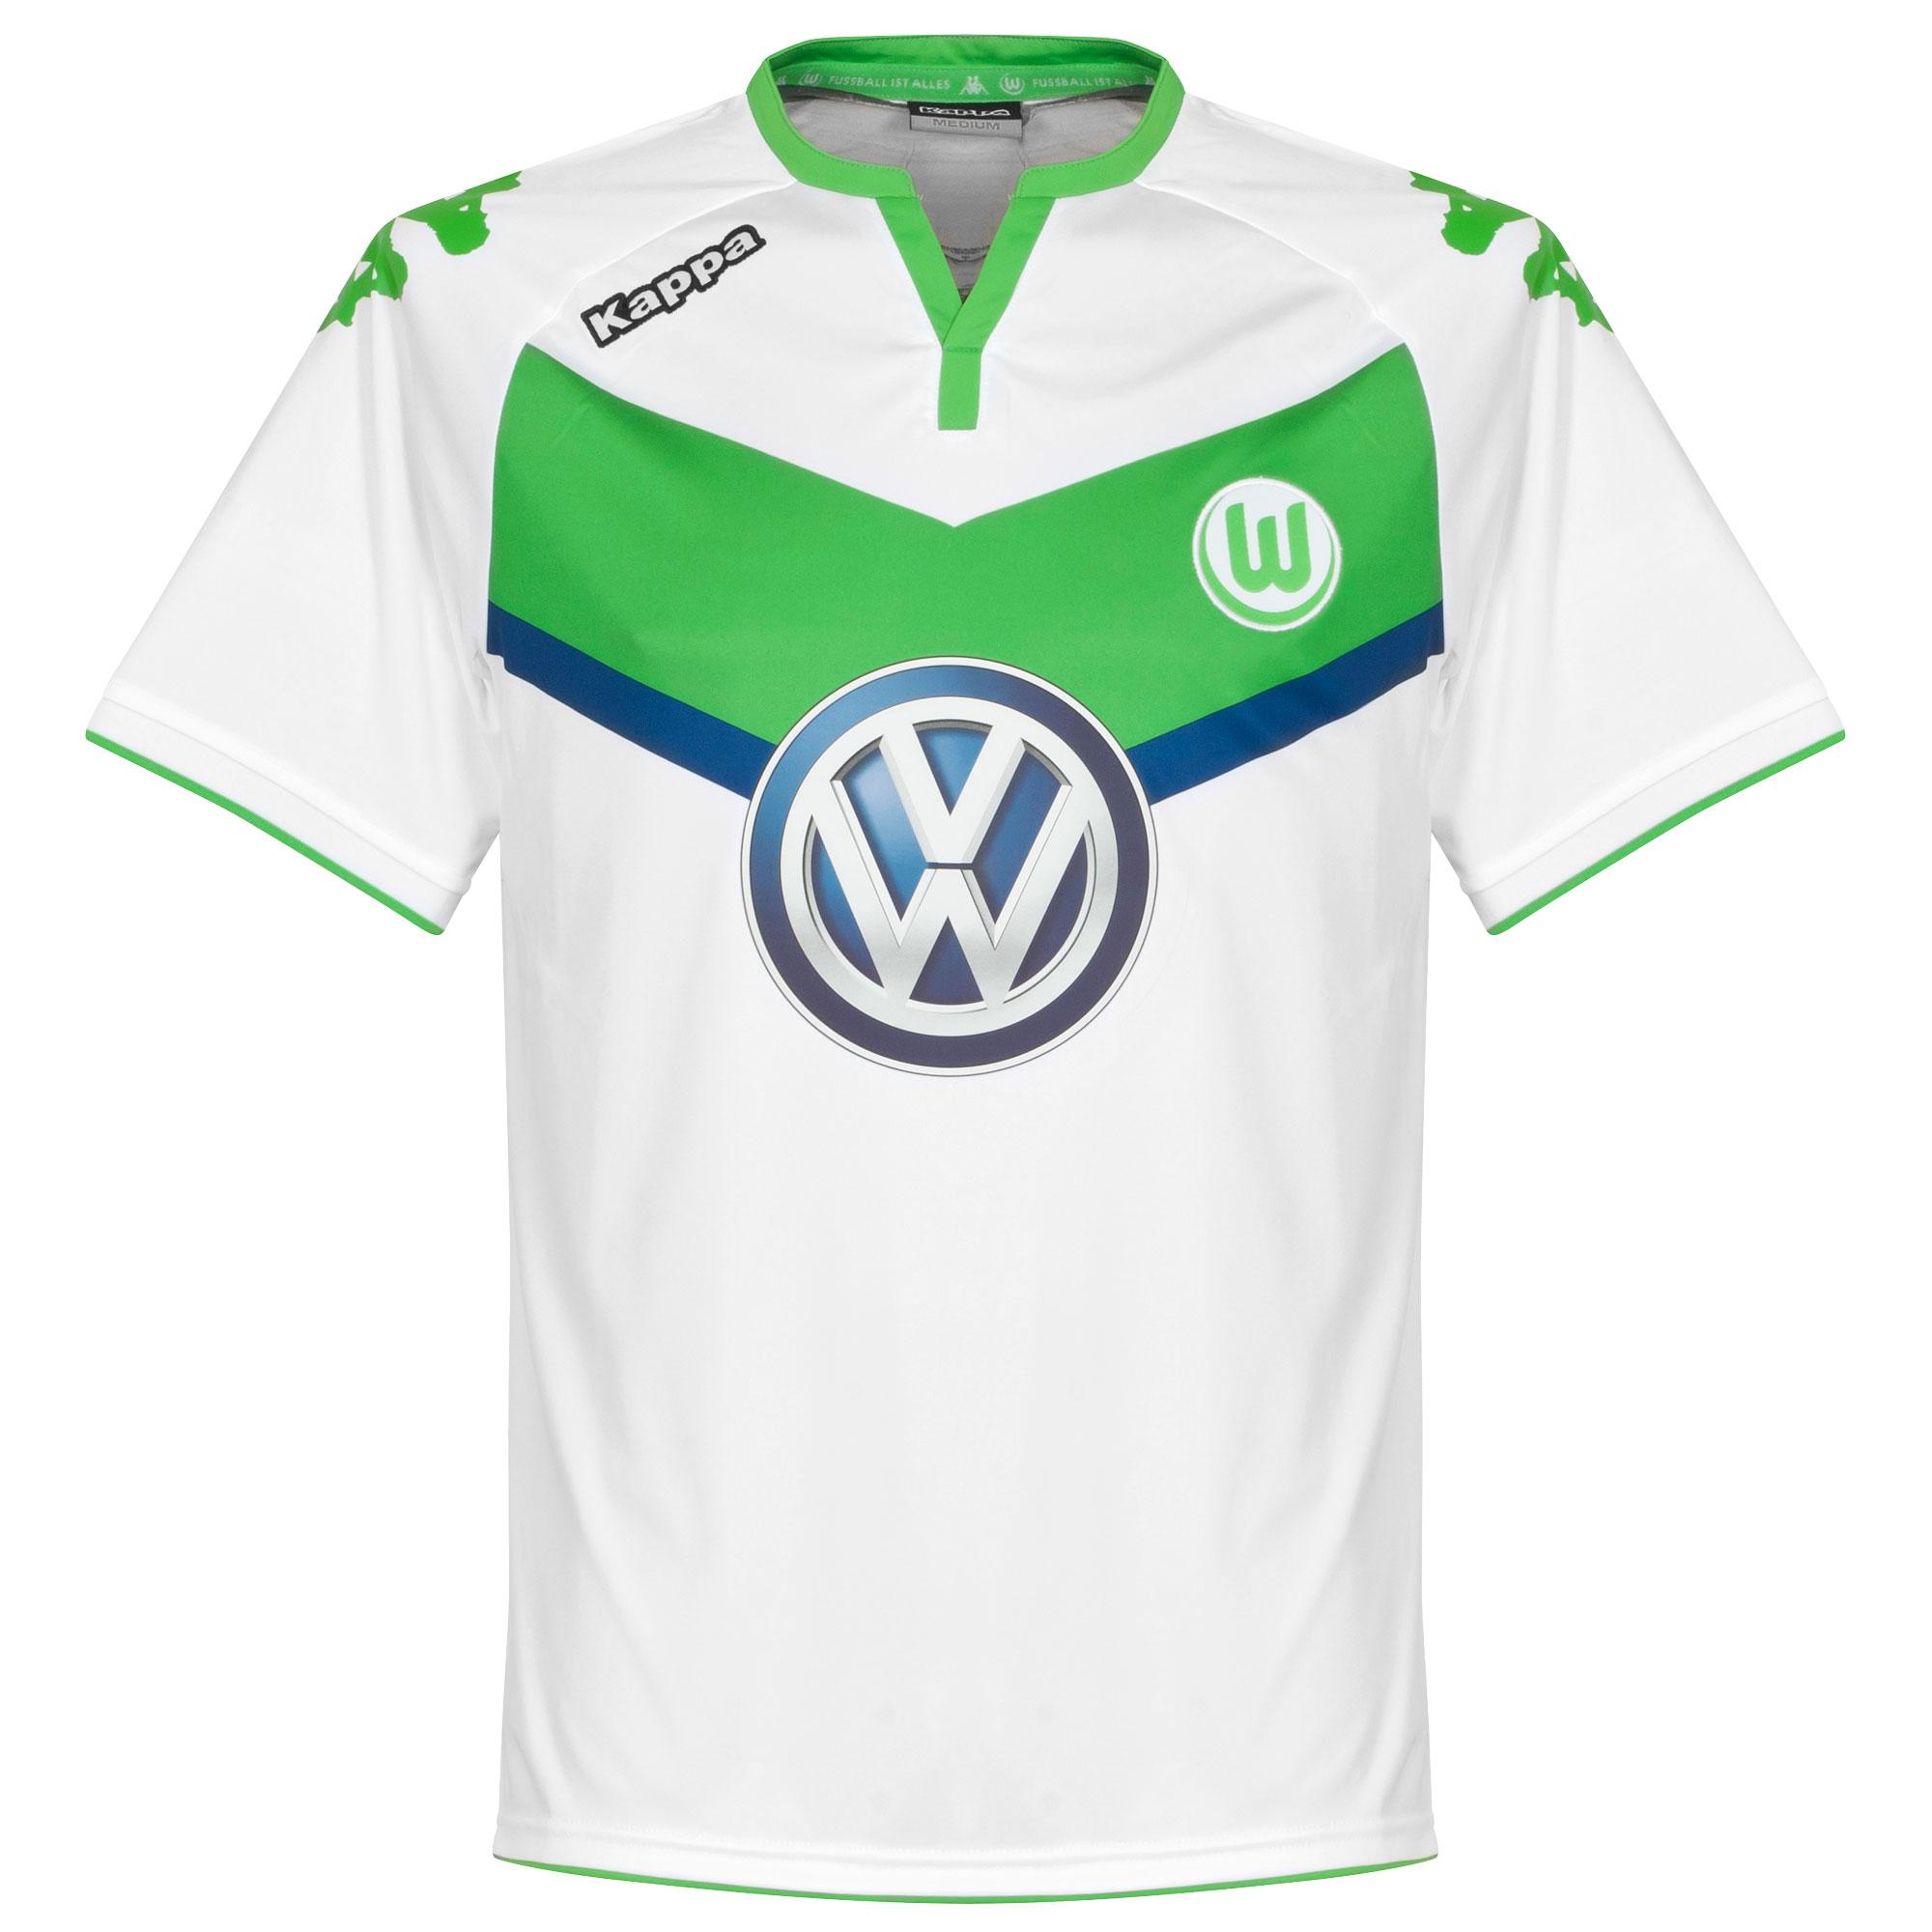 VfL Wolfsburg Home Jersey 2015 / 2016 - XL